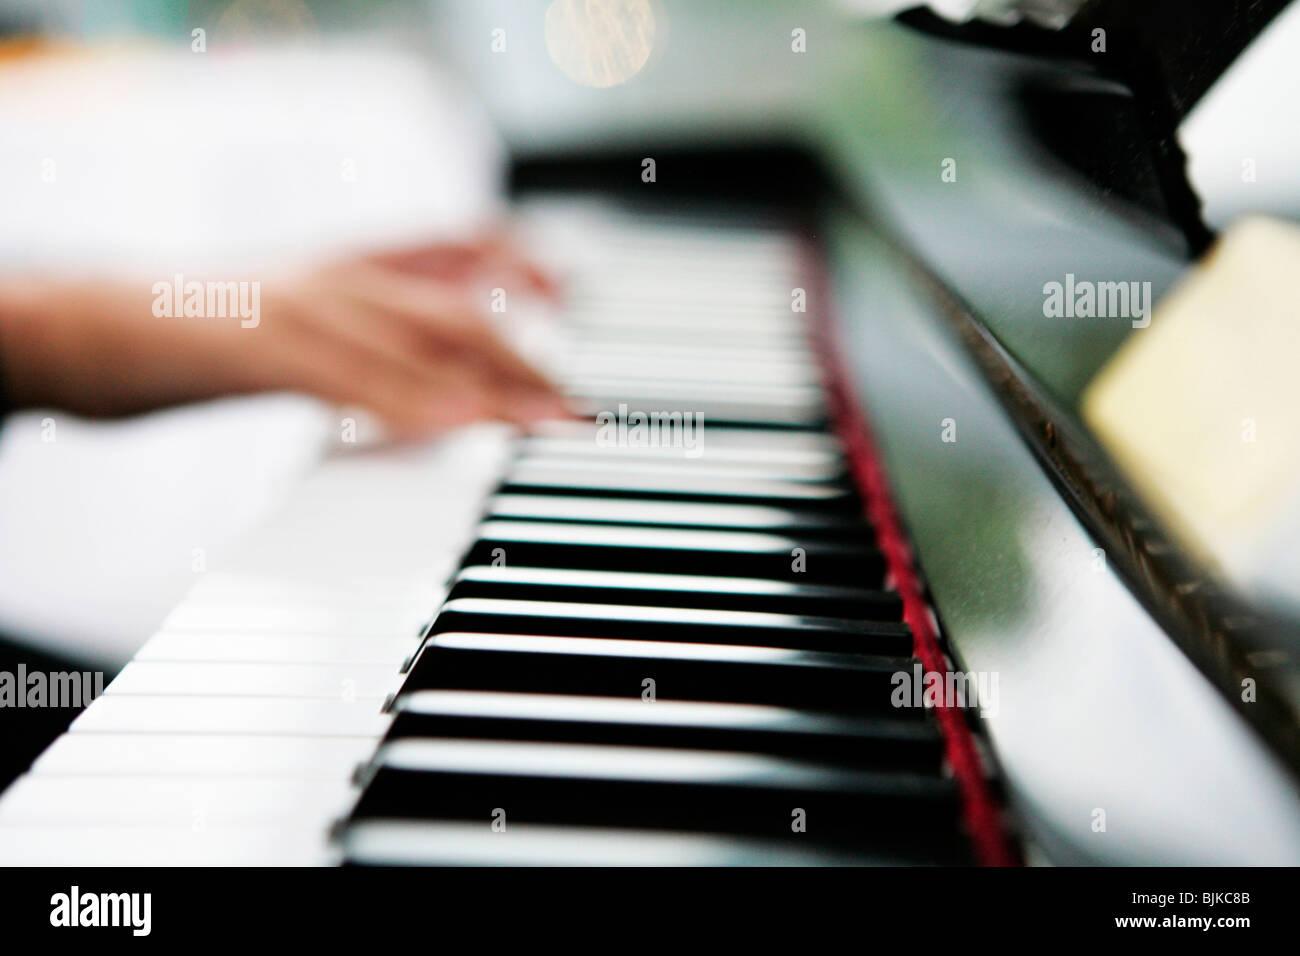 Las manos sobre el teclado de un piano Foto de stock